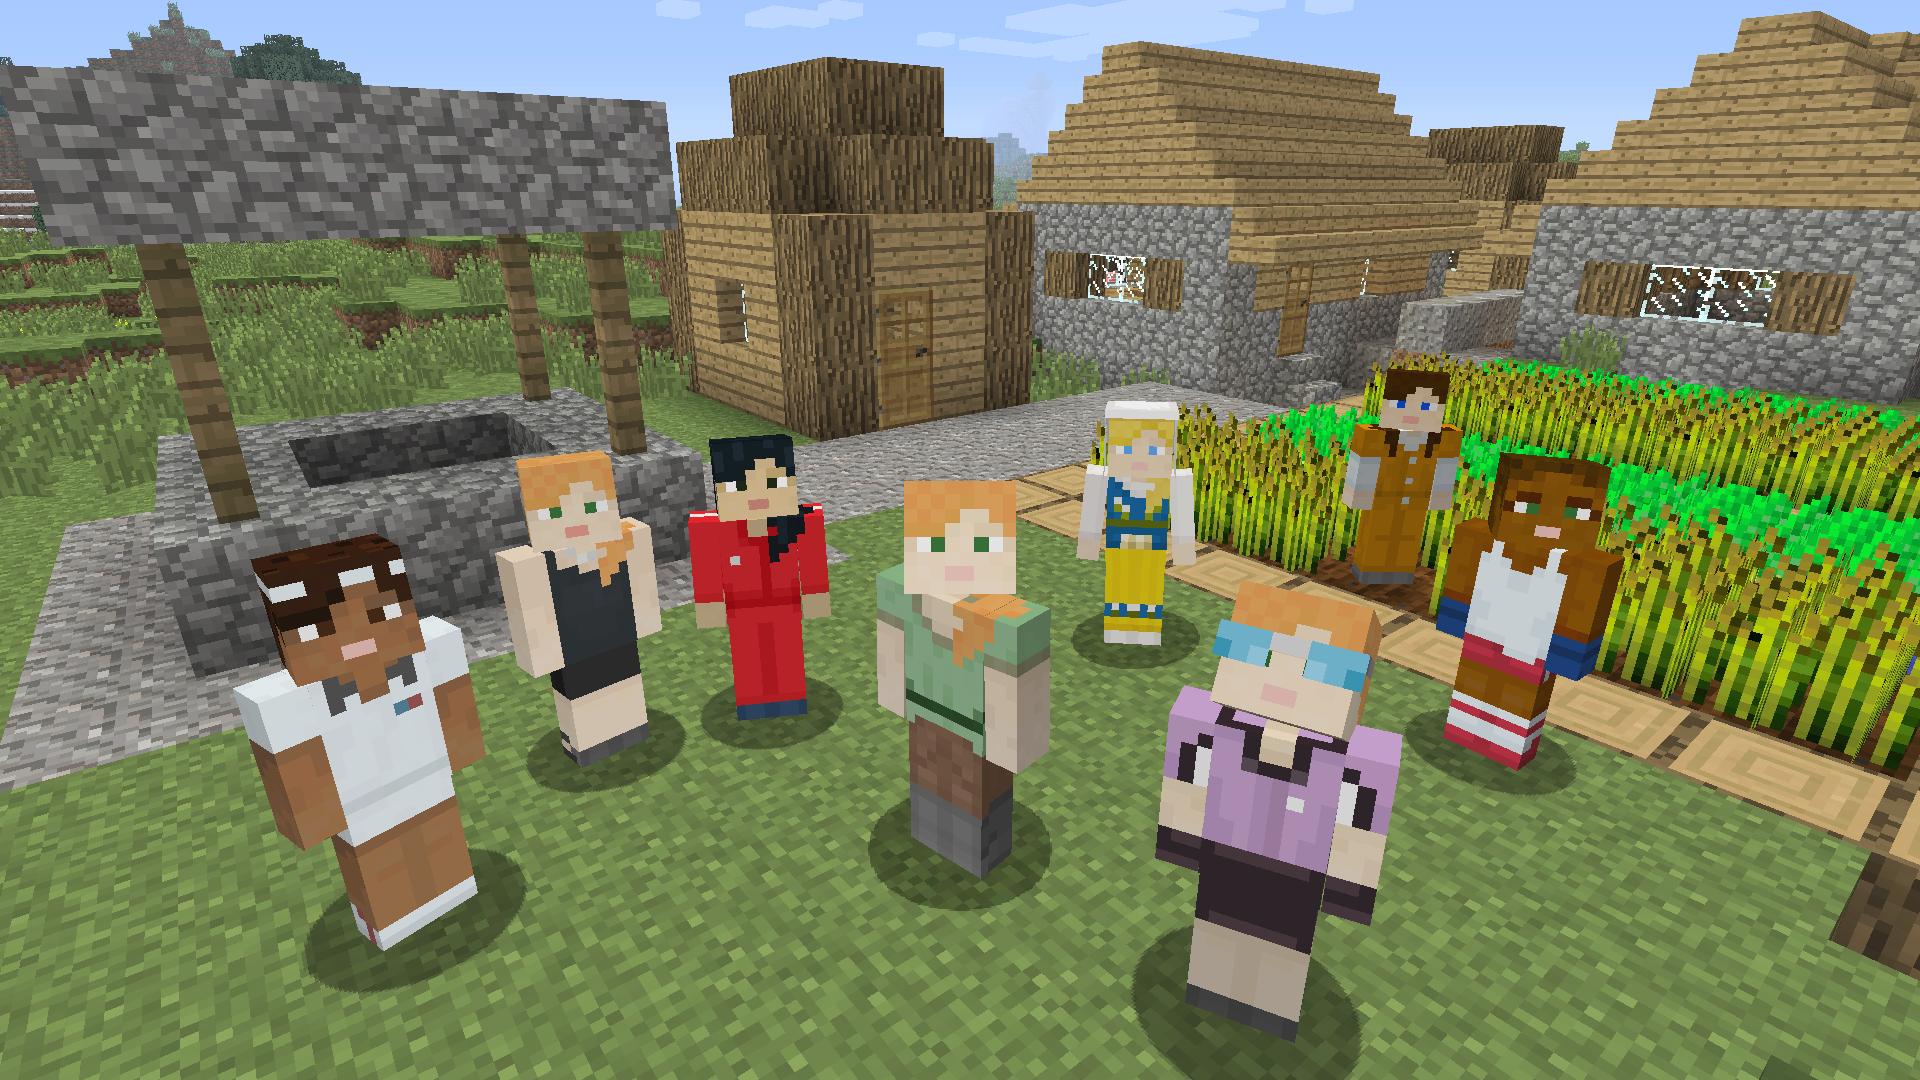 Weibliche MinecraftSkins Ab Mittwoch Kostenlos Pixelburg - Minecraft spieler skin suchen